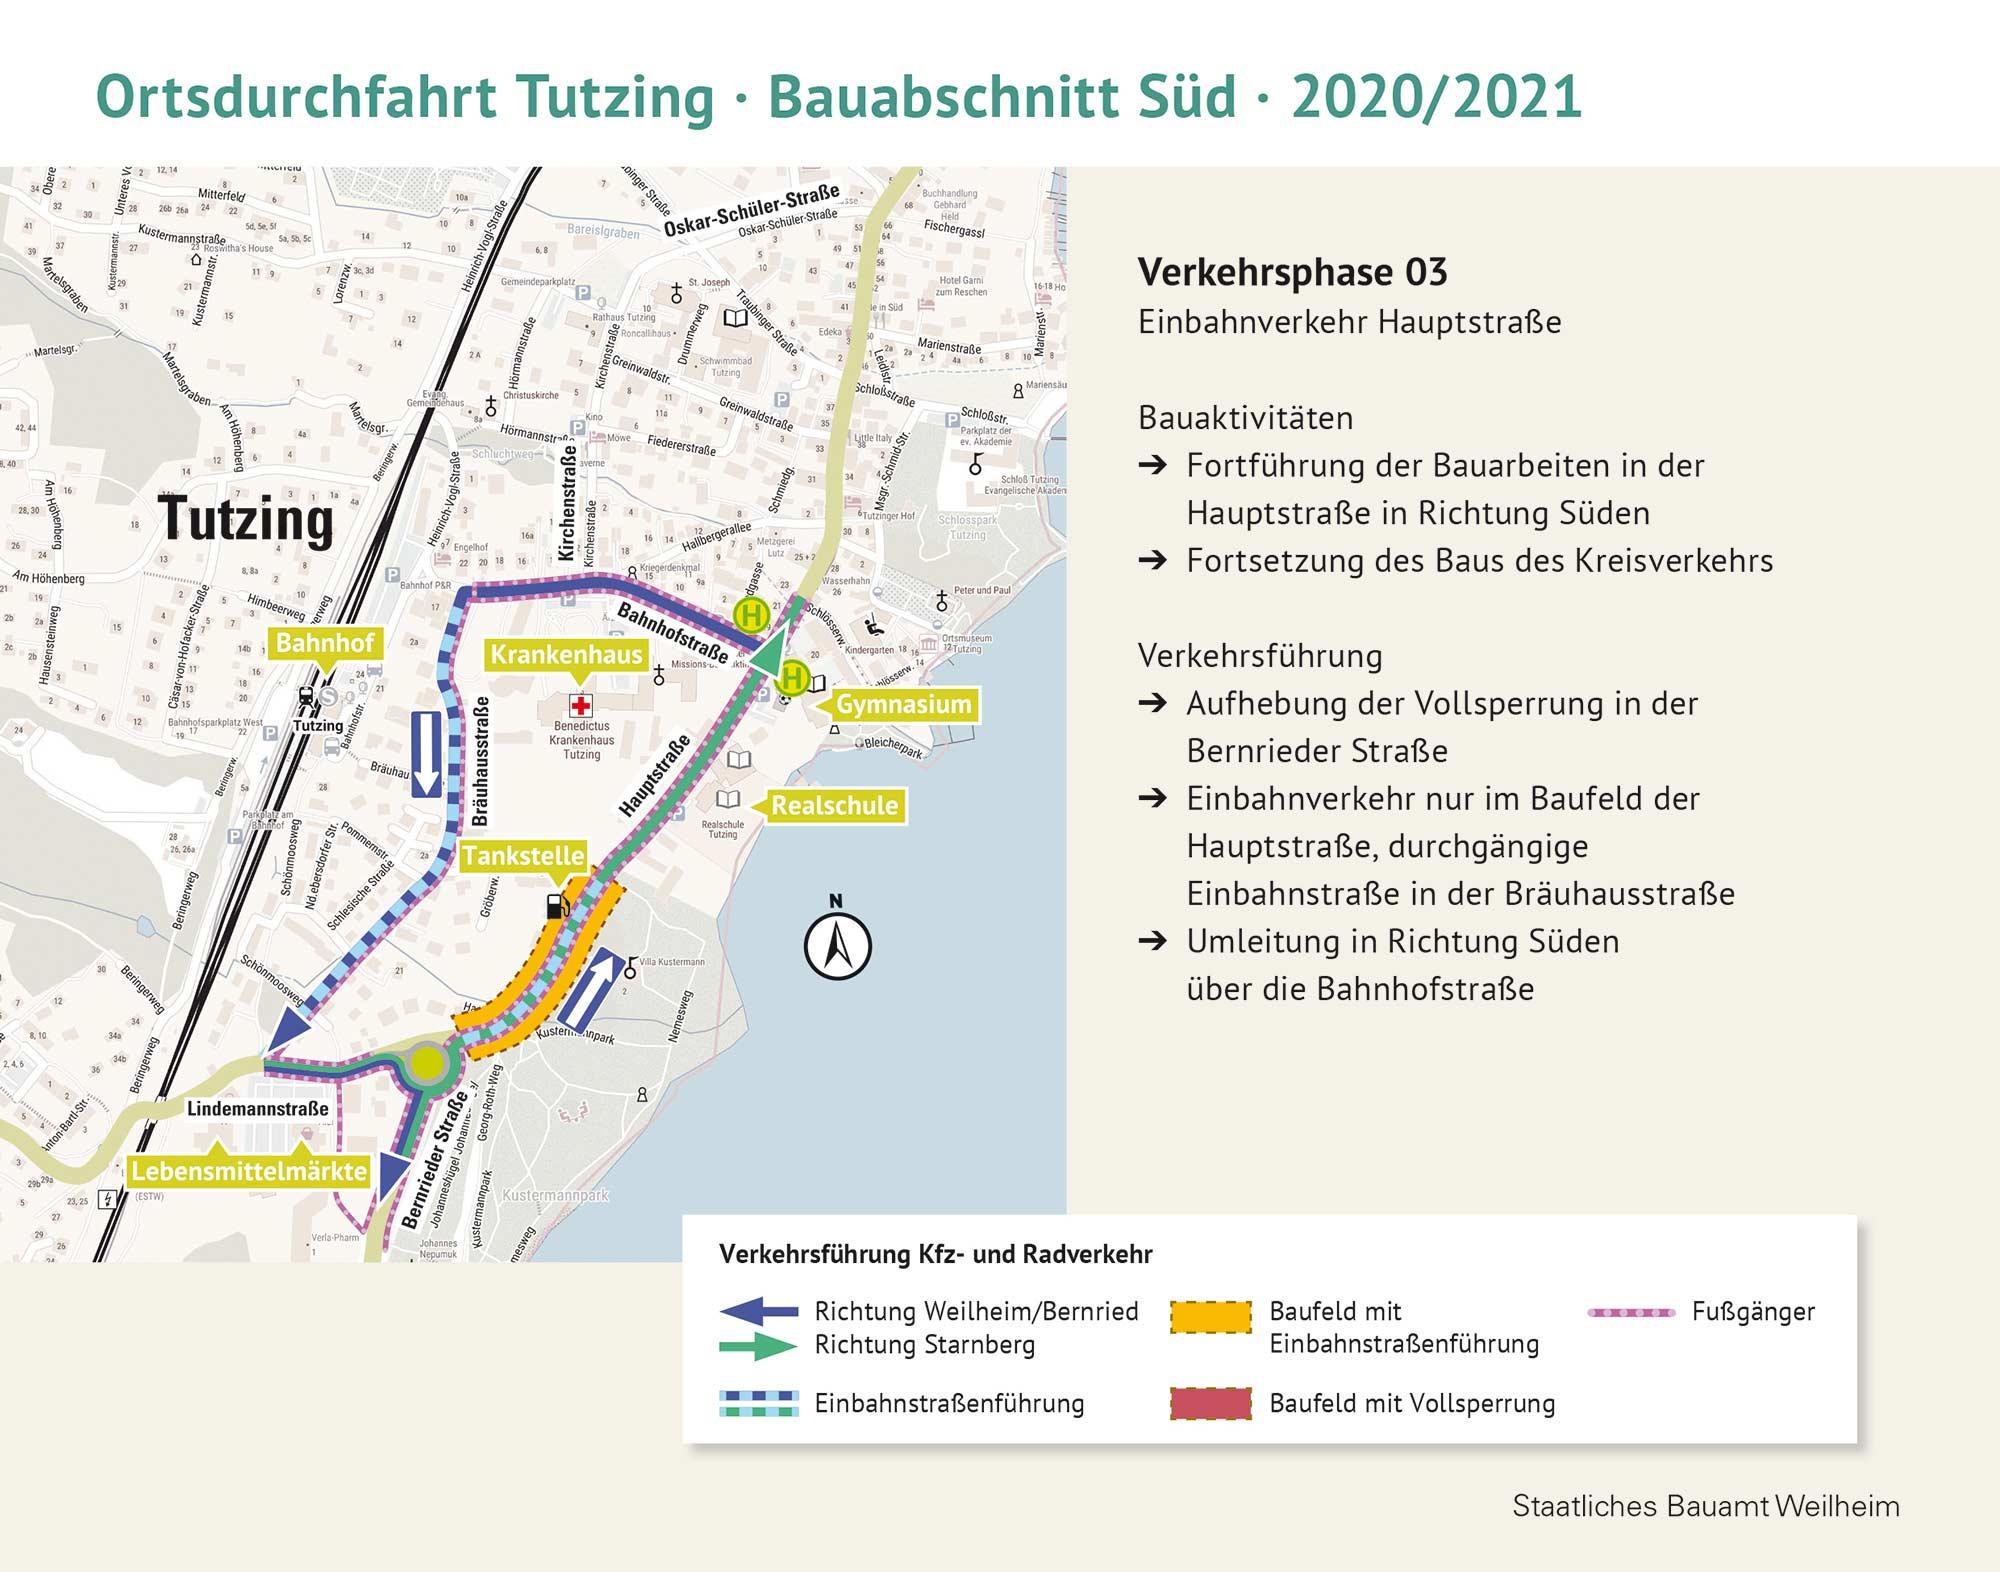 Bauabschnitt-Sued-Verkehrsphase-3